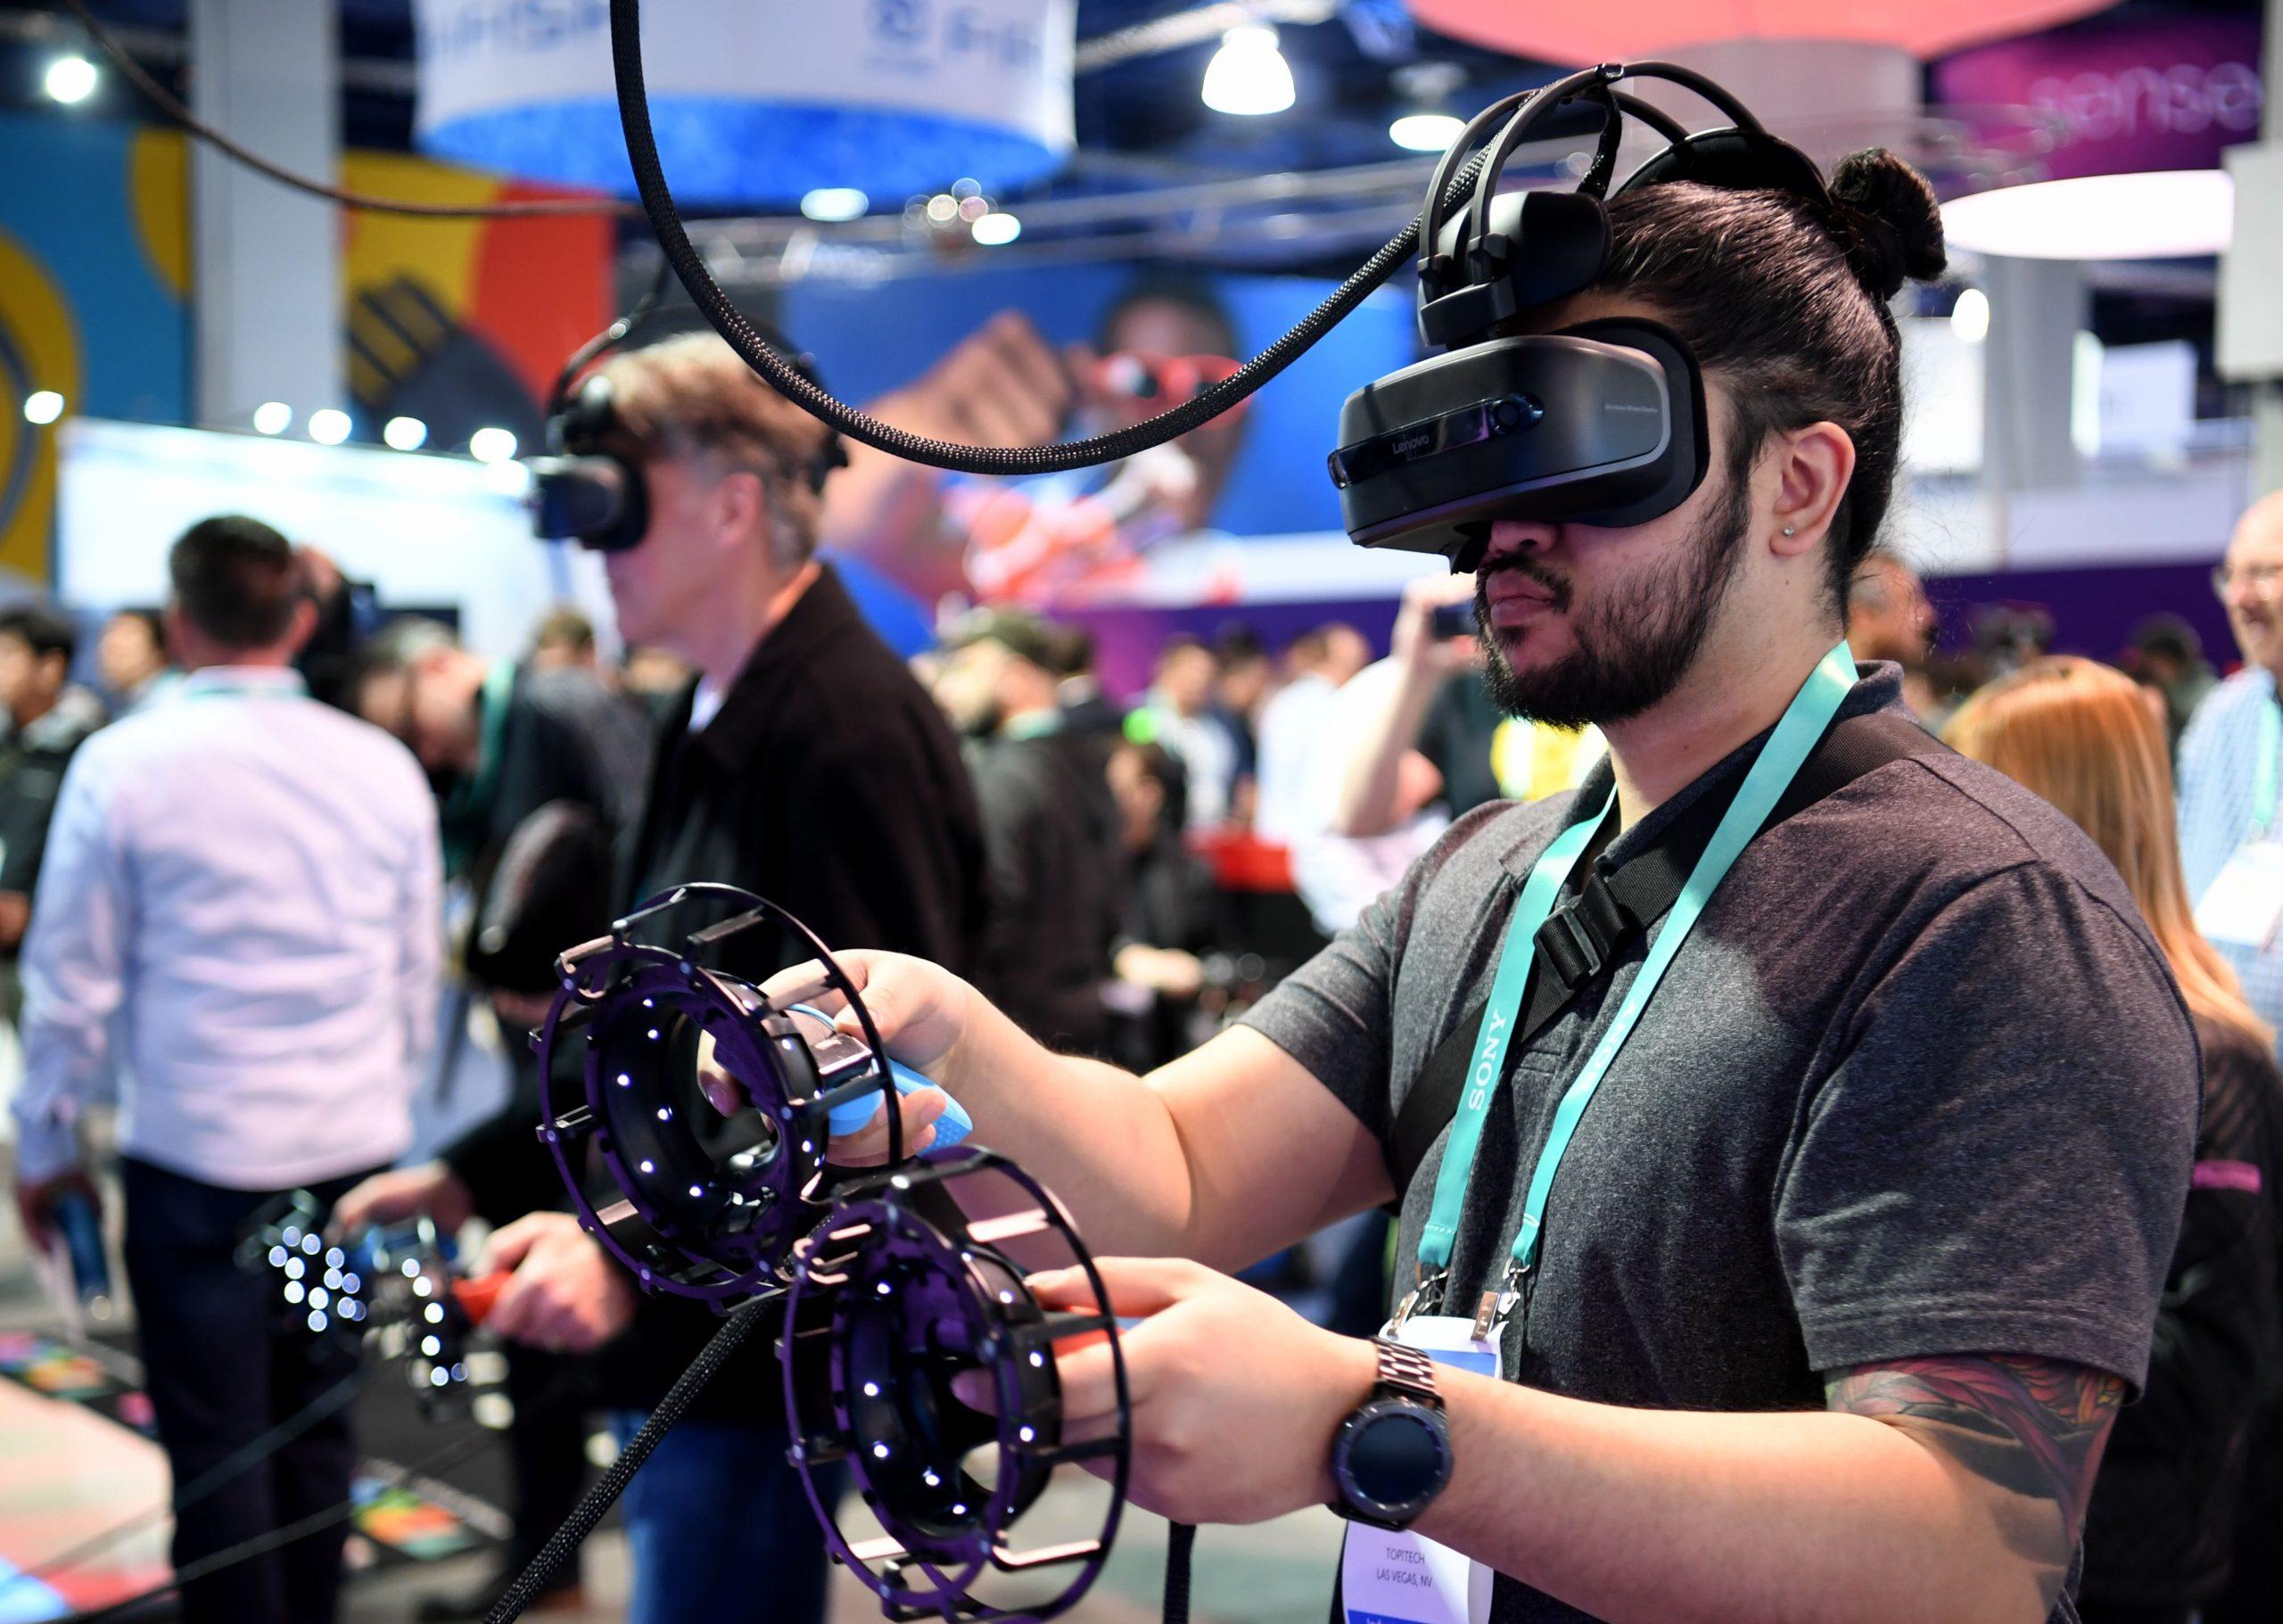 Industria de juegos móviles de China registra rápida expansión, según informe